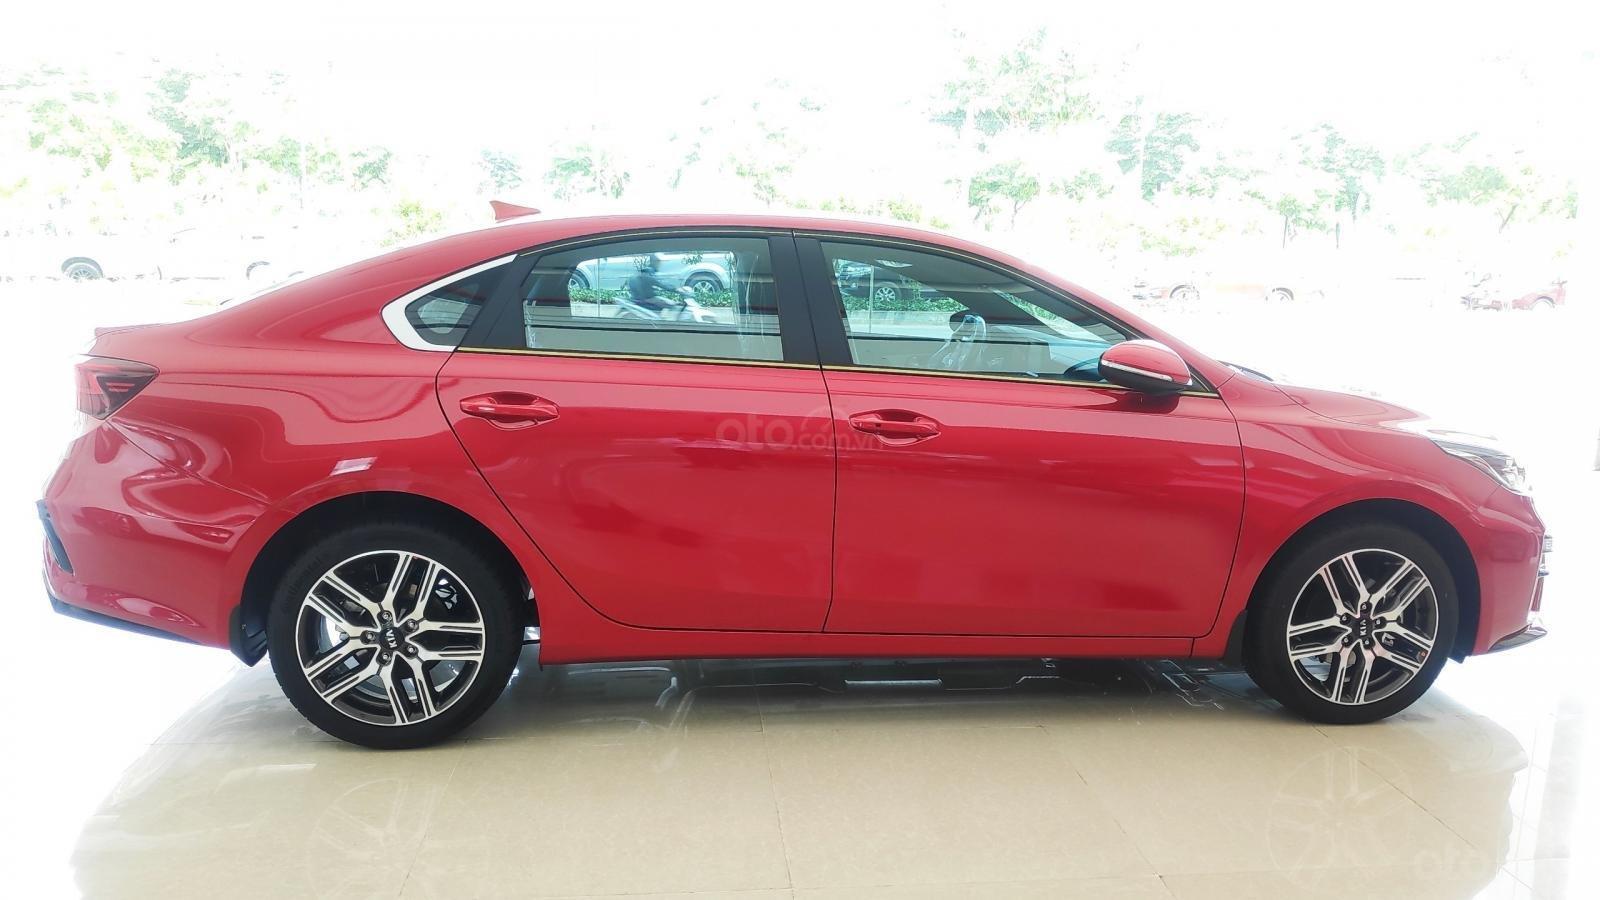 Kia Cerato Premium đặc biệt - giảm giá tiền mặt + tặng bảo hiểm xe + phụ kiện - liên hệ PKD Kia Thảo Điền 0961.563.593 (4)